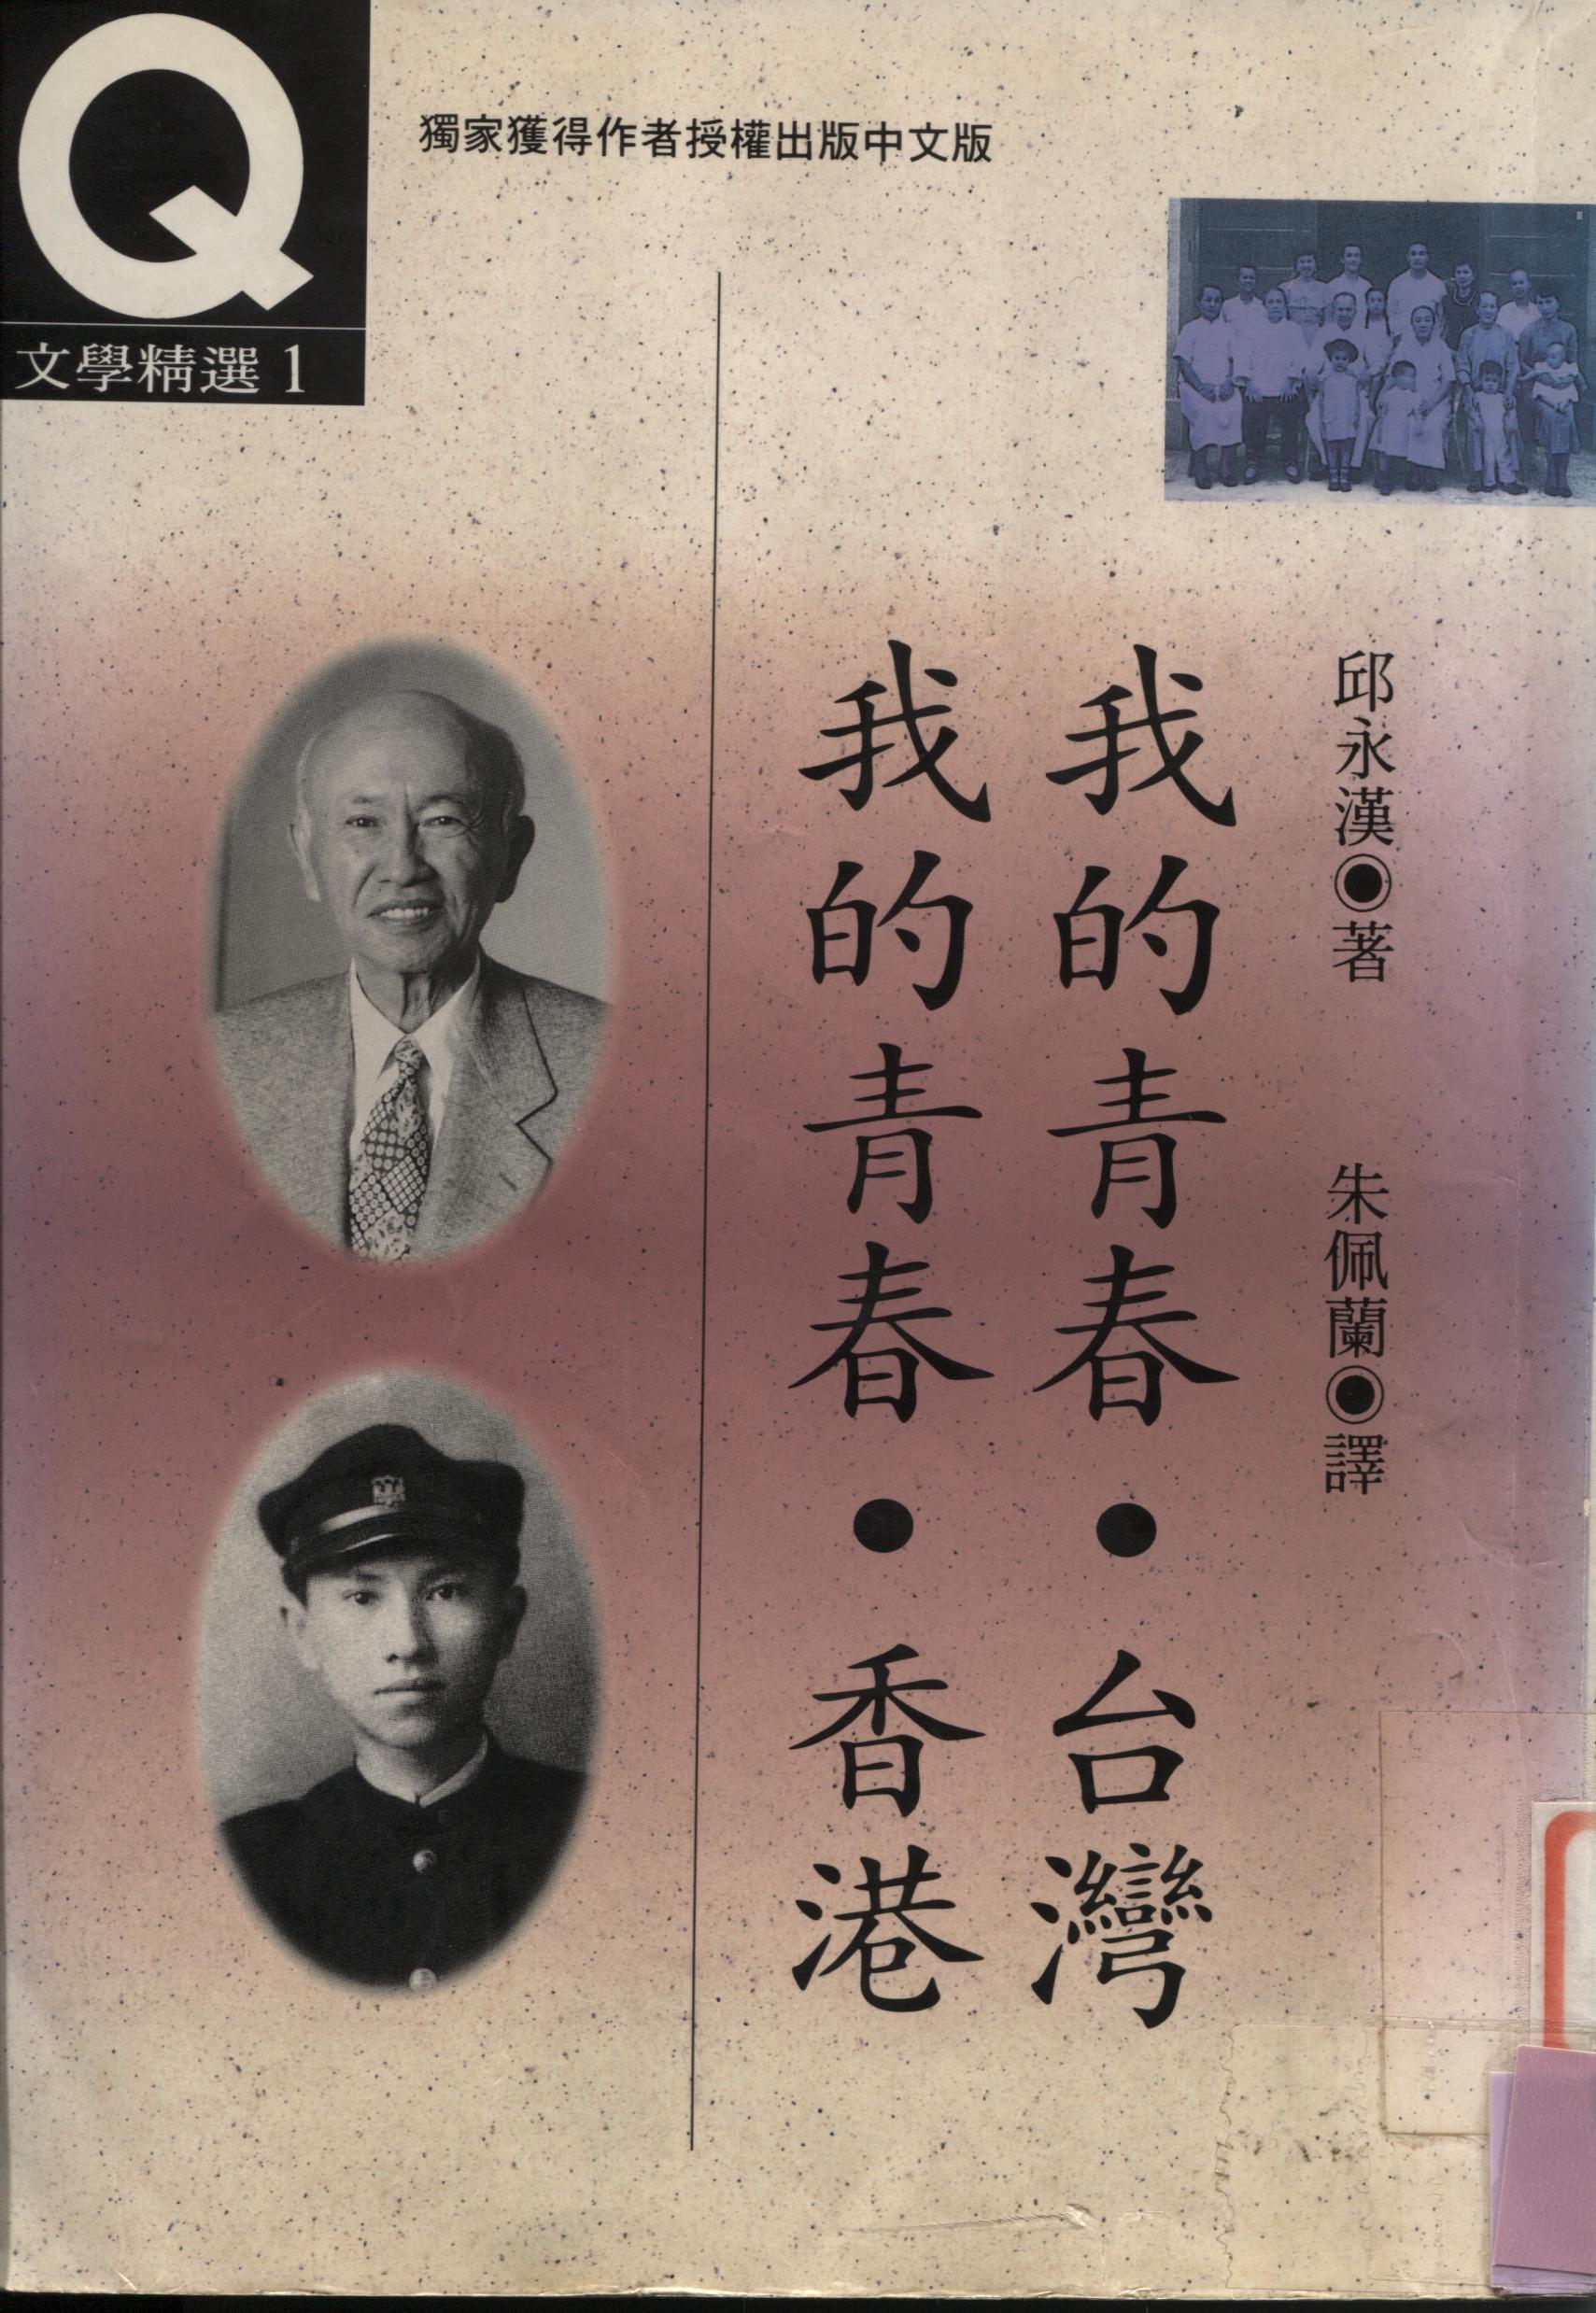 我的青春, 台灣 ; 我的青春, 香港